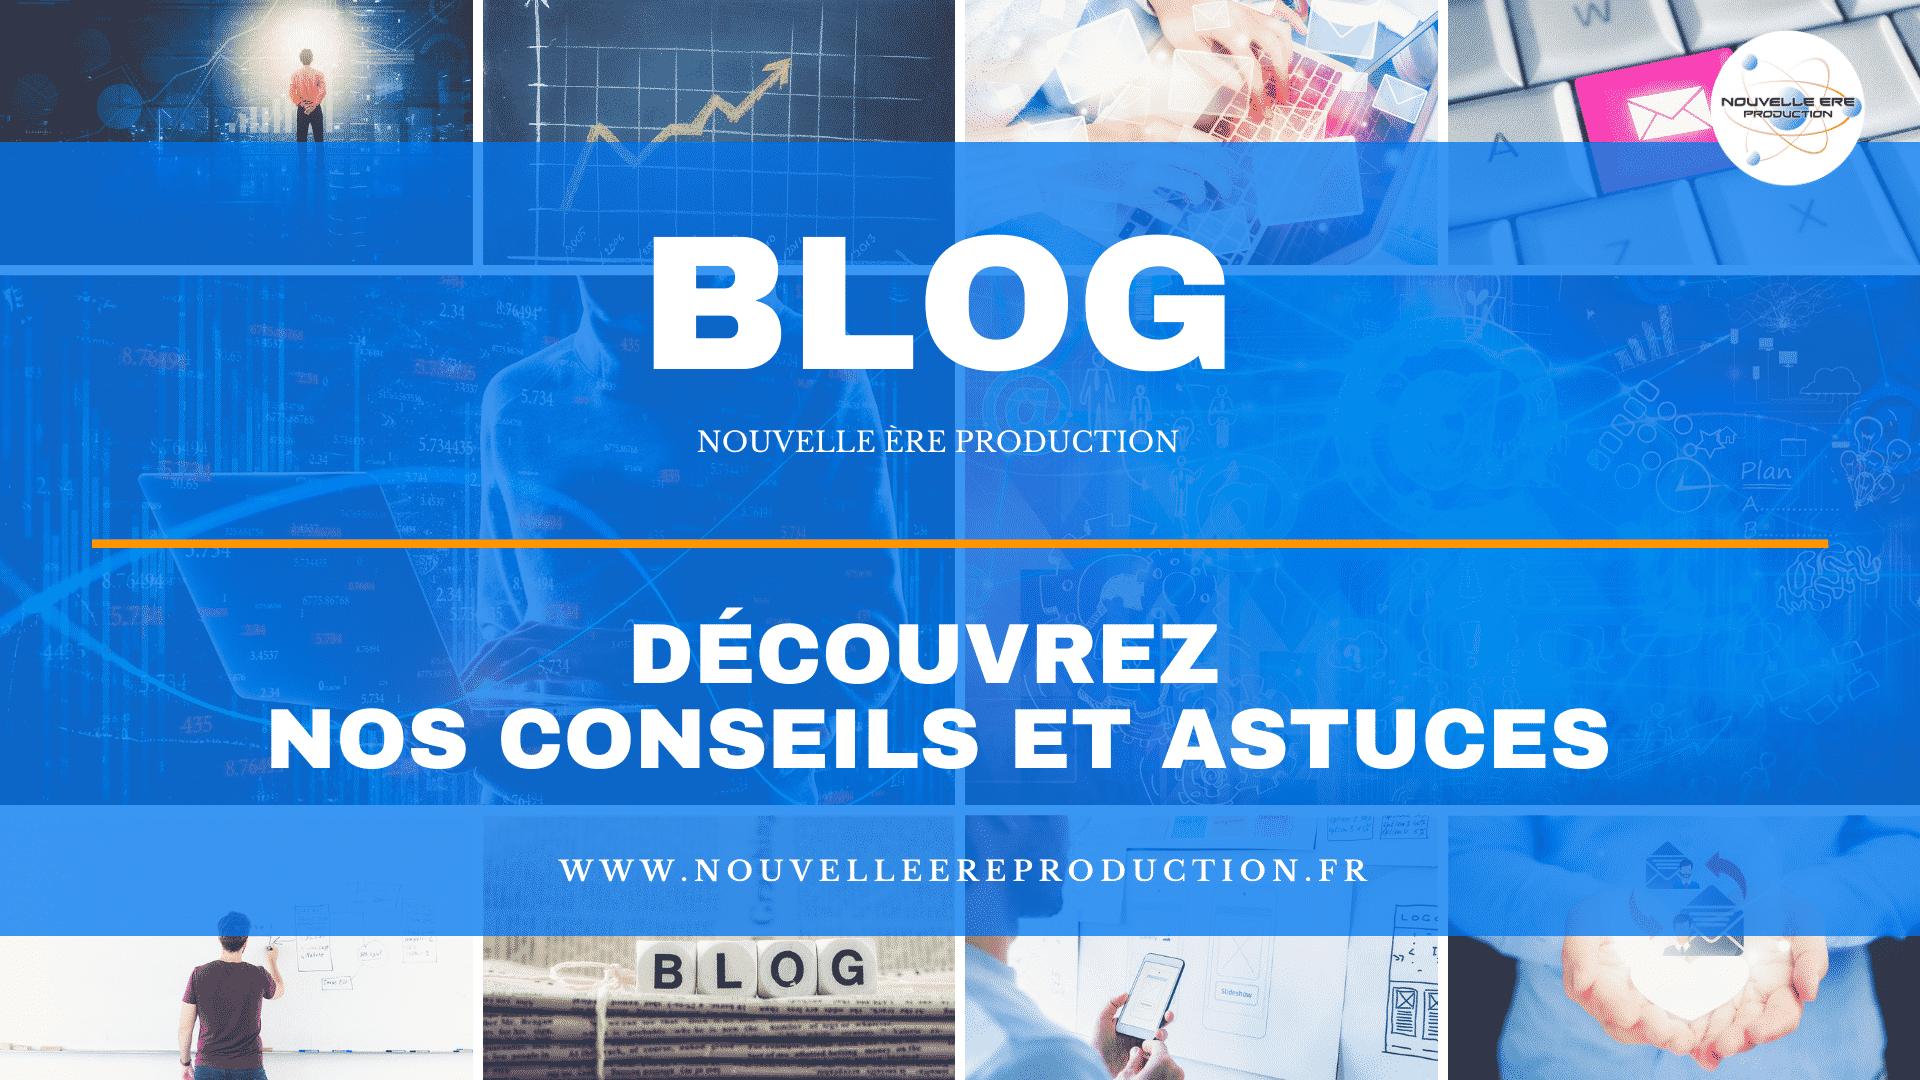 Blog découvrez nos conseils et astuces